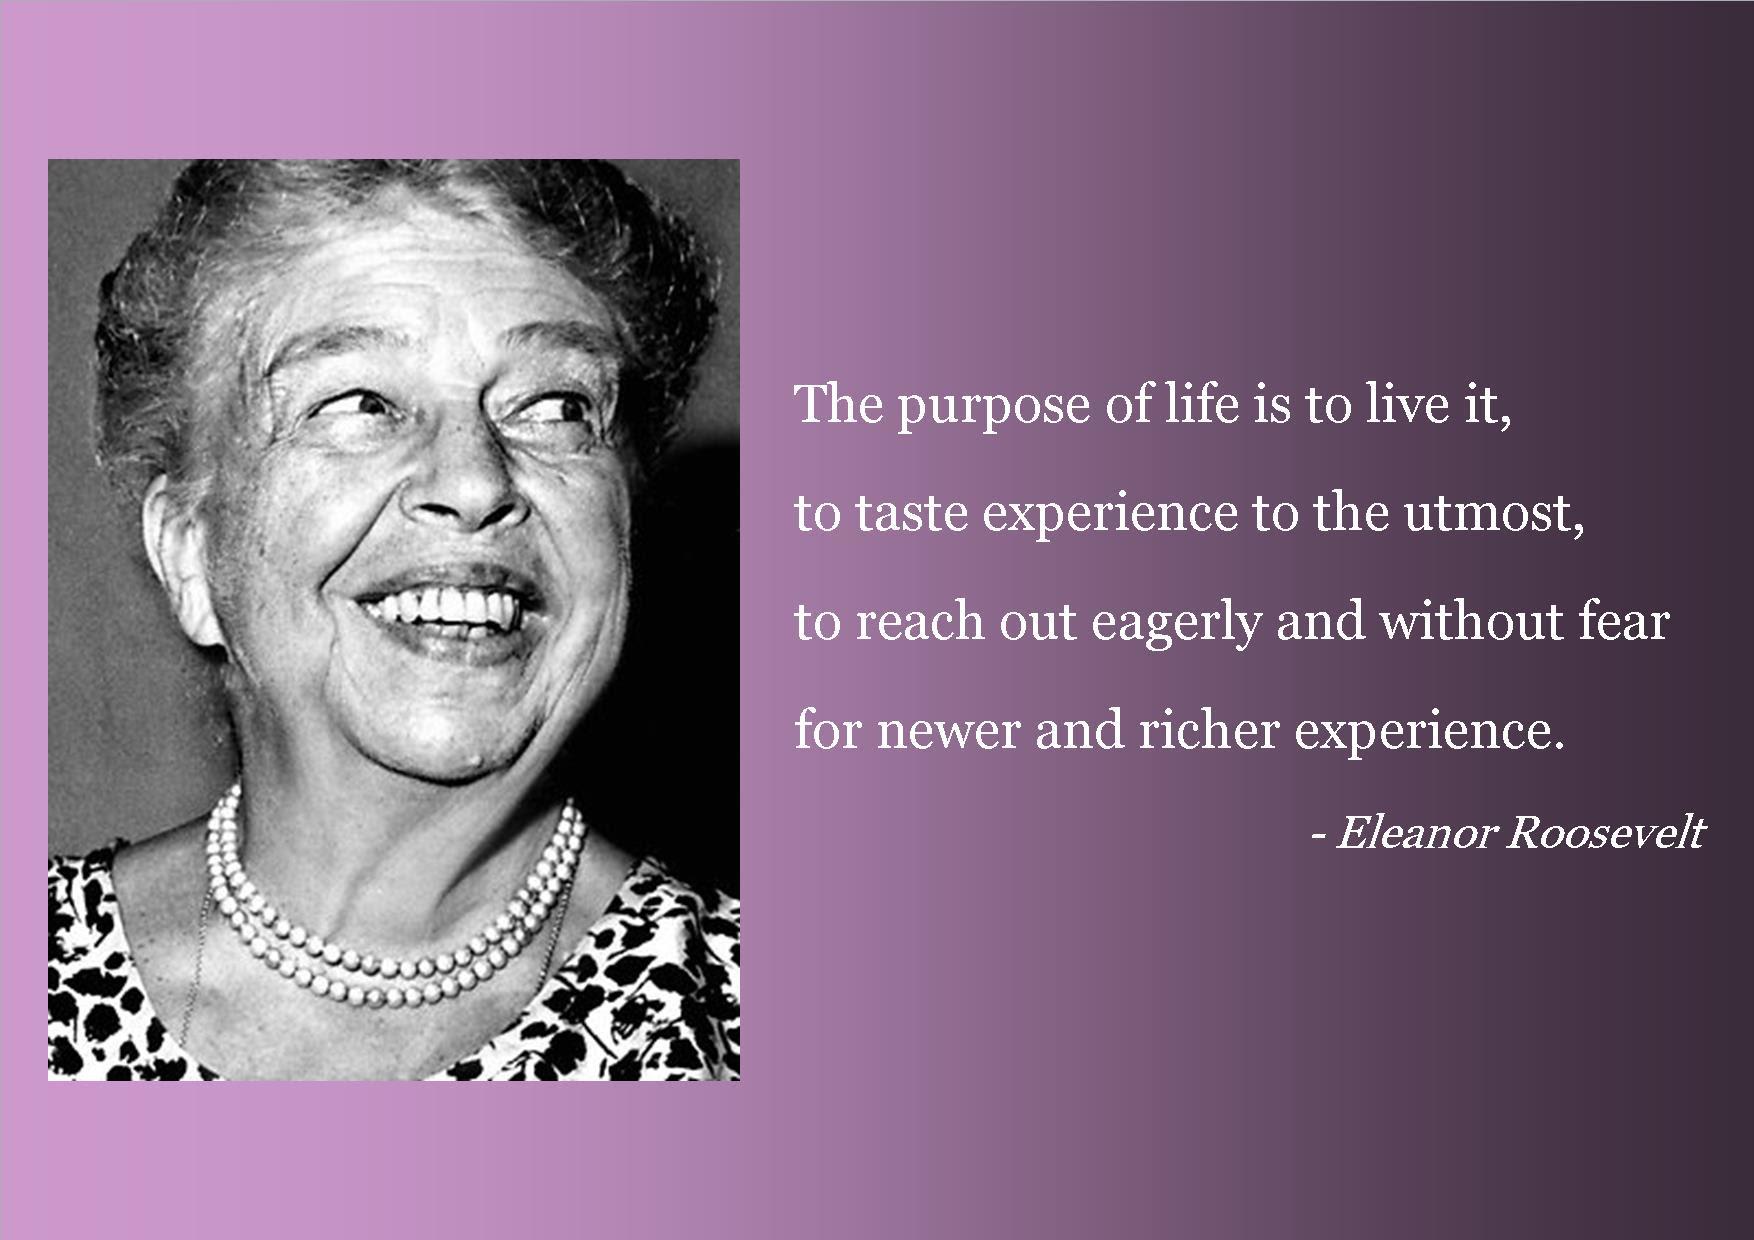 Eleanor Roosevelt quotes  Master of Something I\u002639;m Yet To